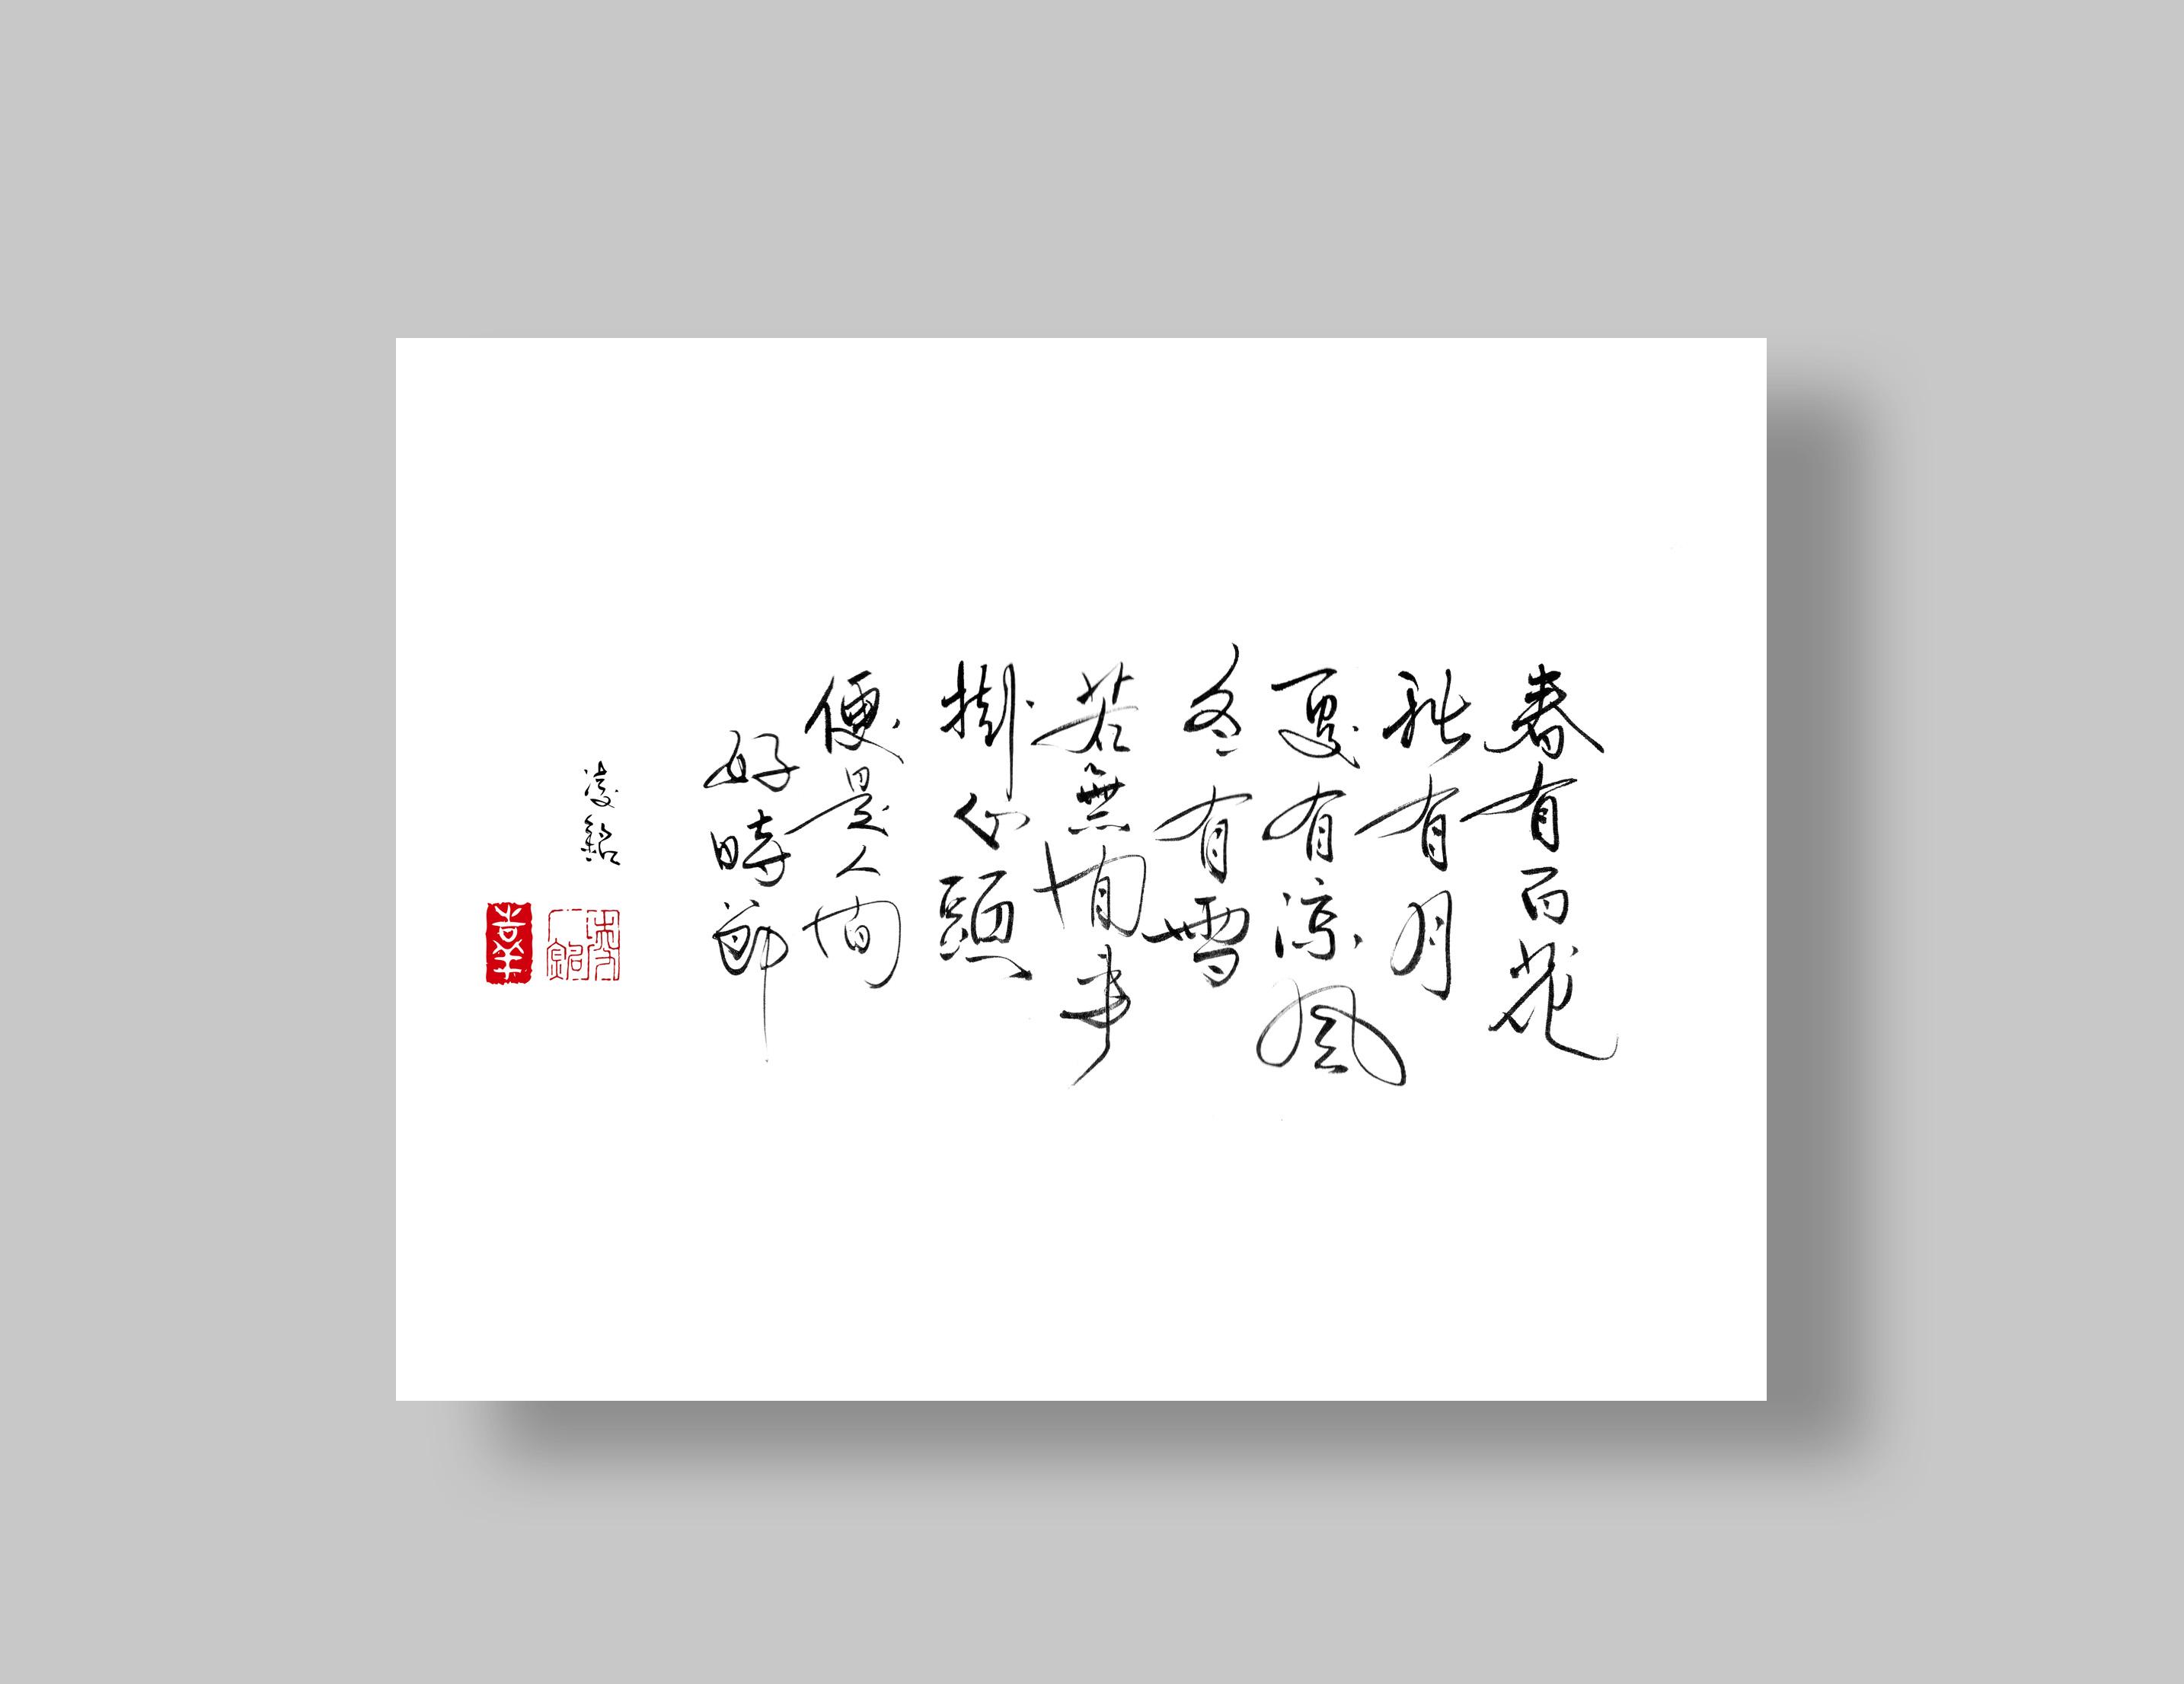 春有百花秋有月_凌銘.jpg